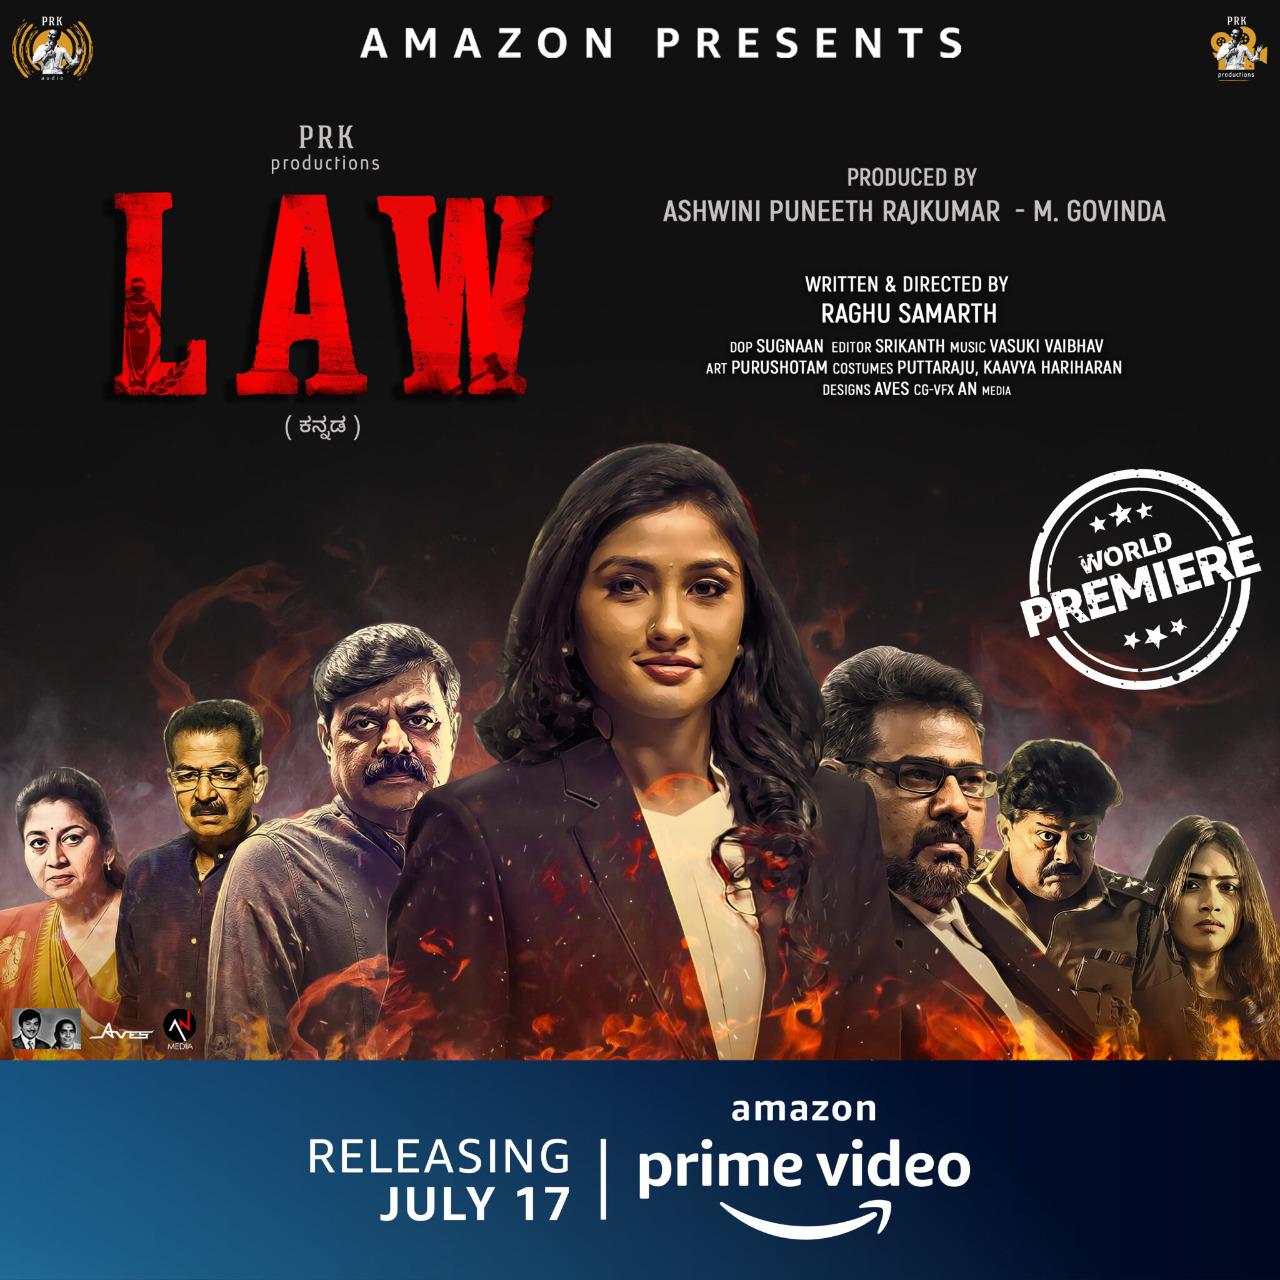 रागिनी चंद्रन ने बताया कि उन्होंने अपनी डेब्यू फ़िल्म के लिए क्राइम-थ्रिलर फ़िल्म लॉ ही क्यों चुनी